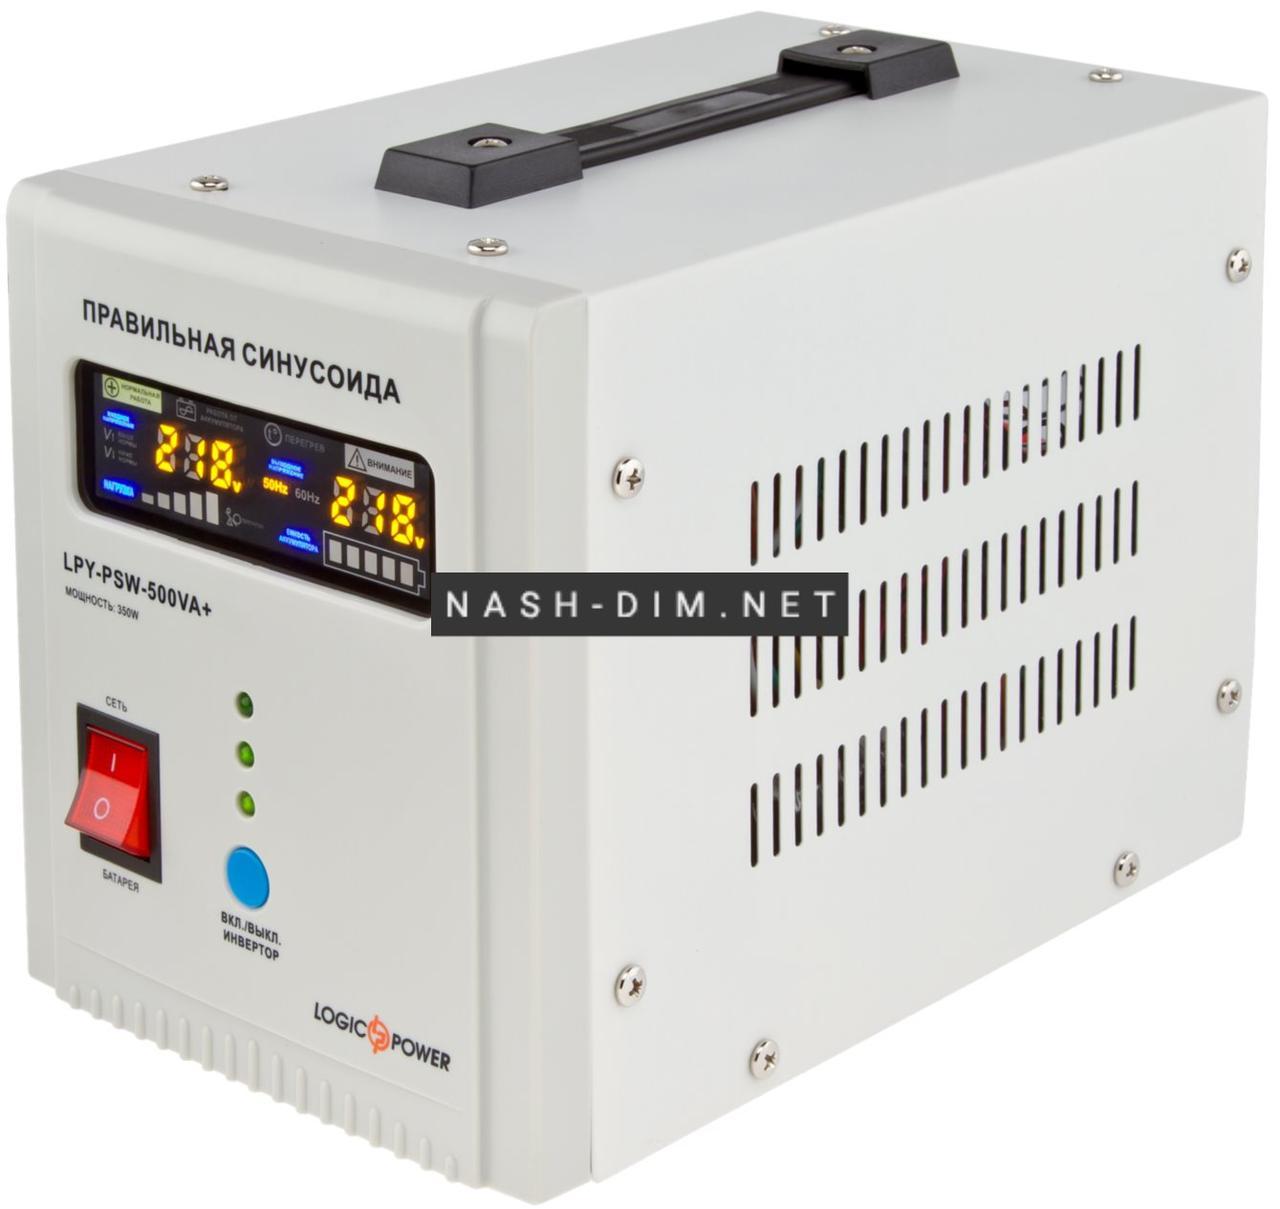 Джерело безперебійного живлення LogicPower LPY-PSW-800VA з правильною синусоїда